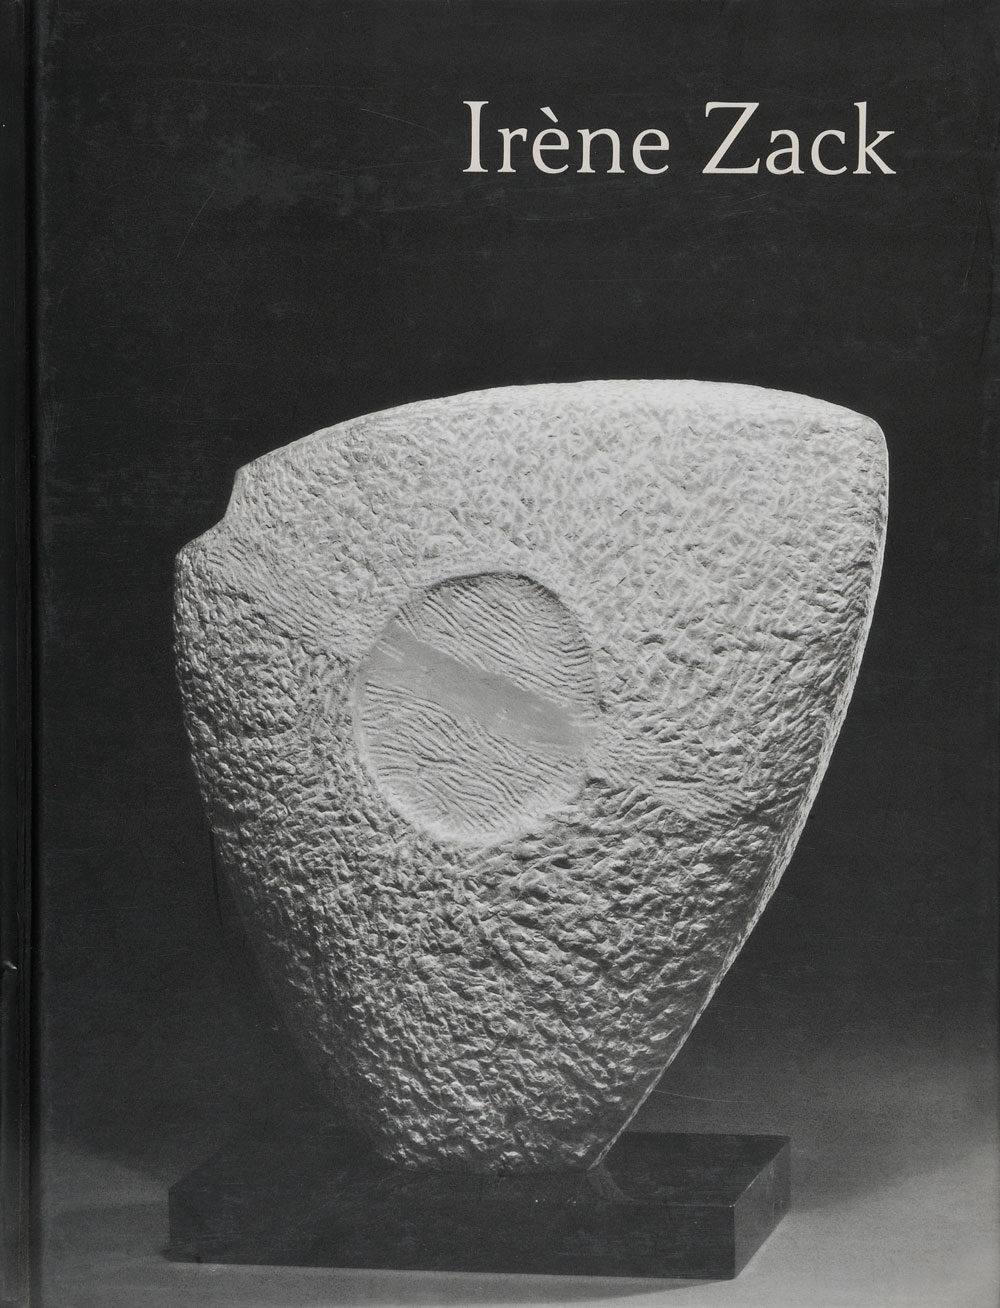 MG-book5.jpg